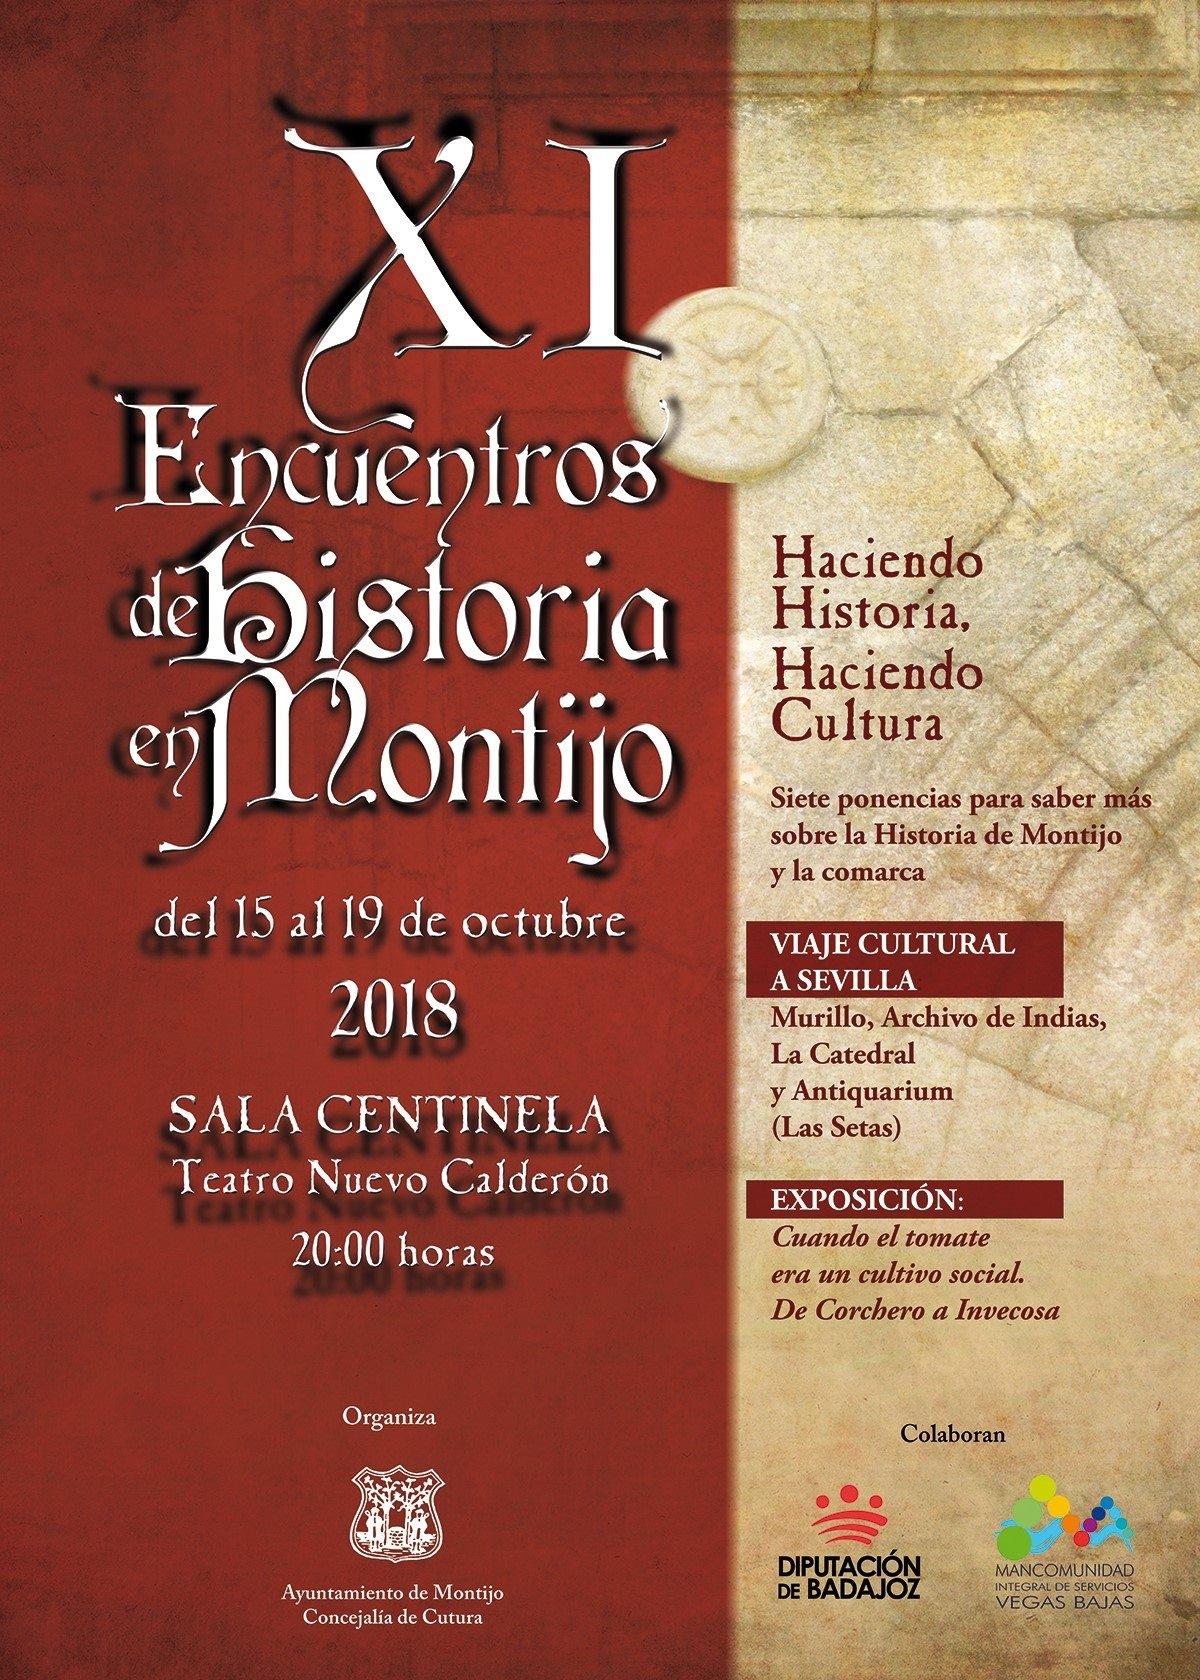 XI Encuentros de Historia de Montijo